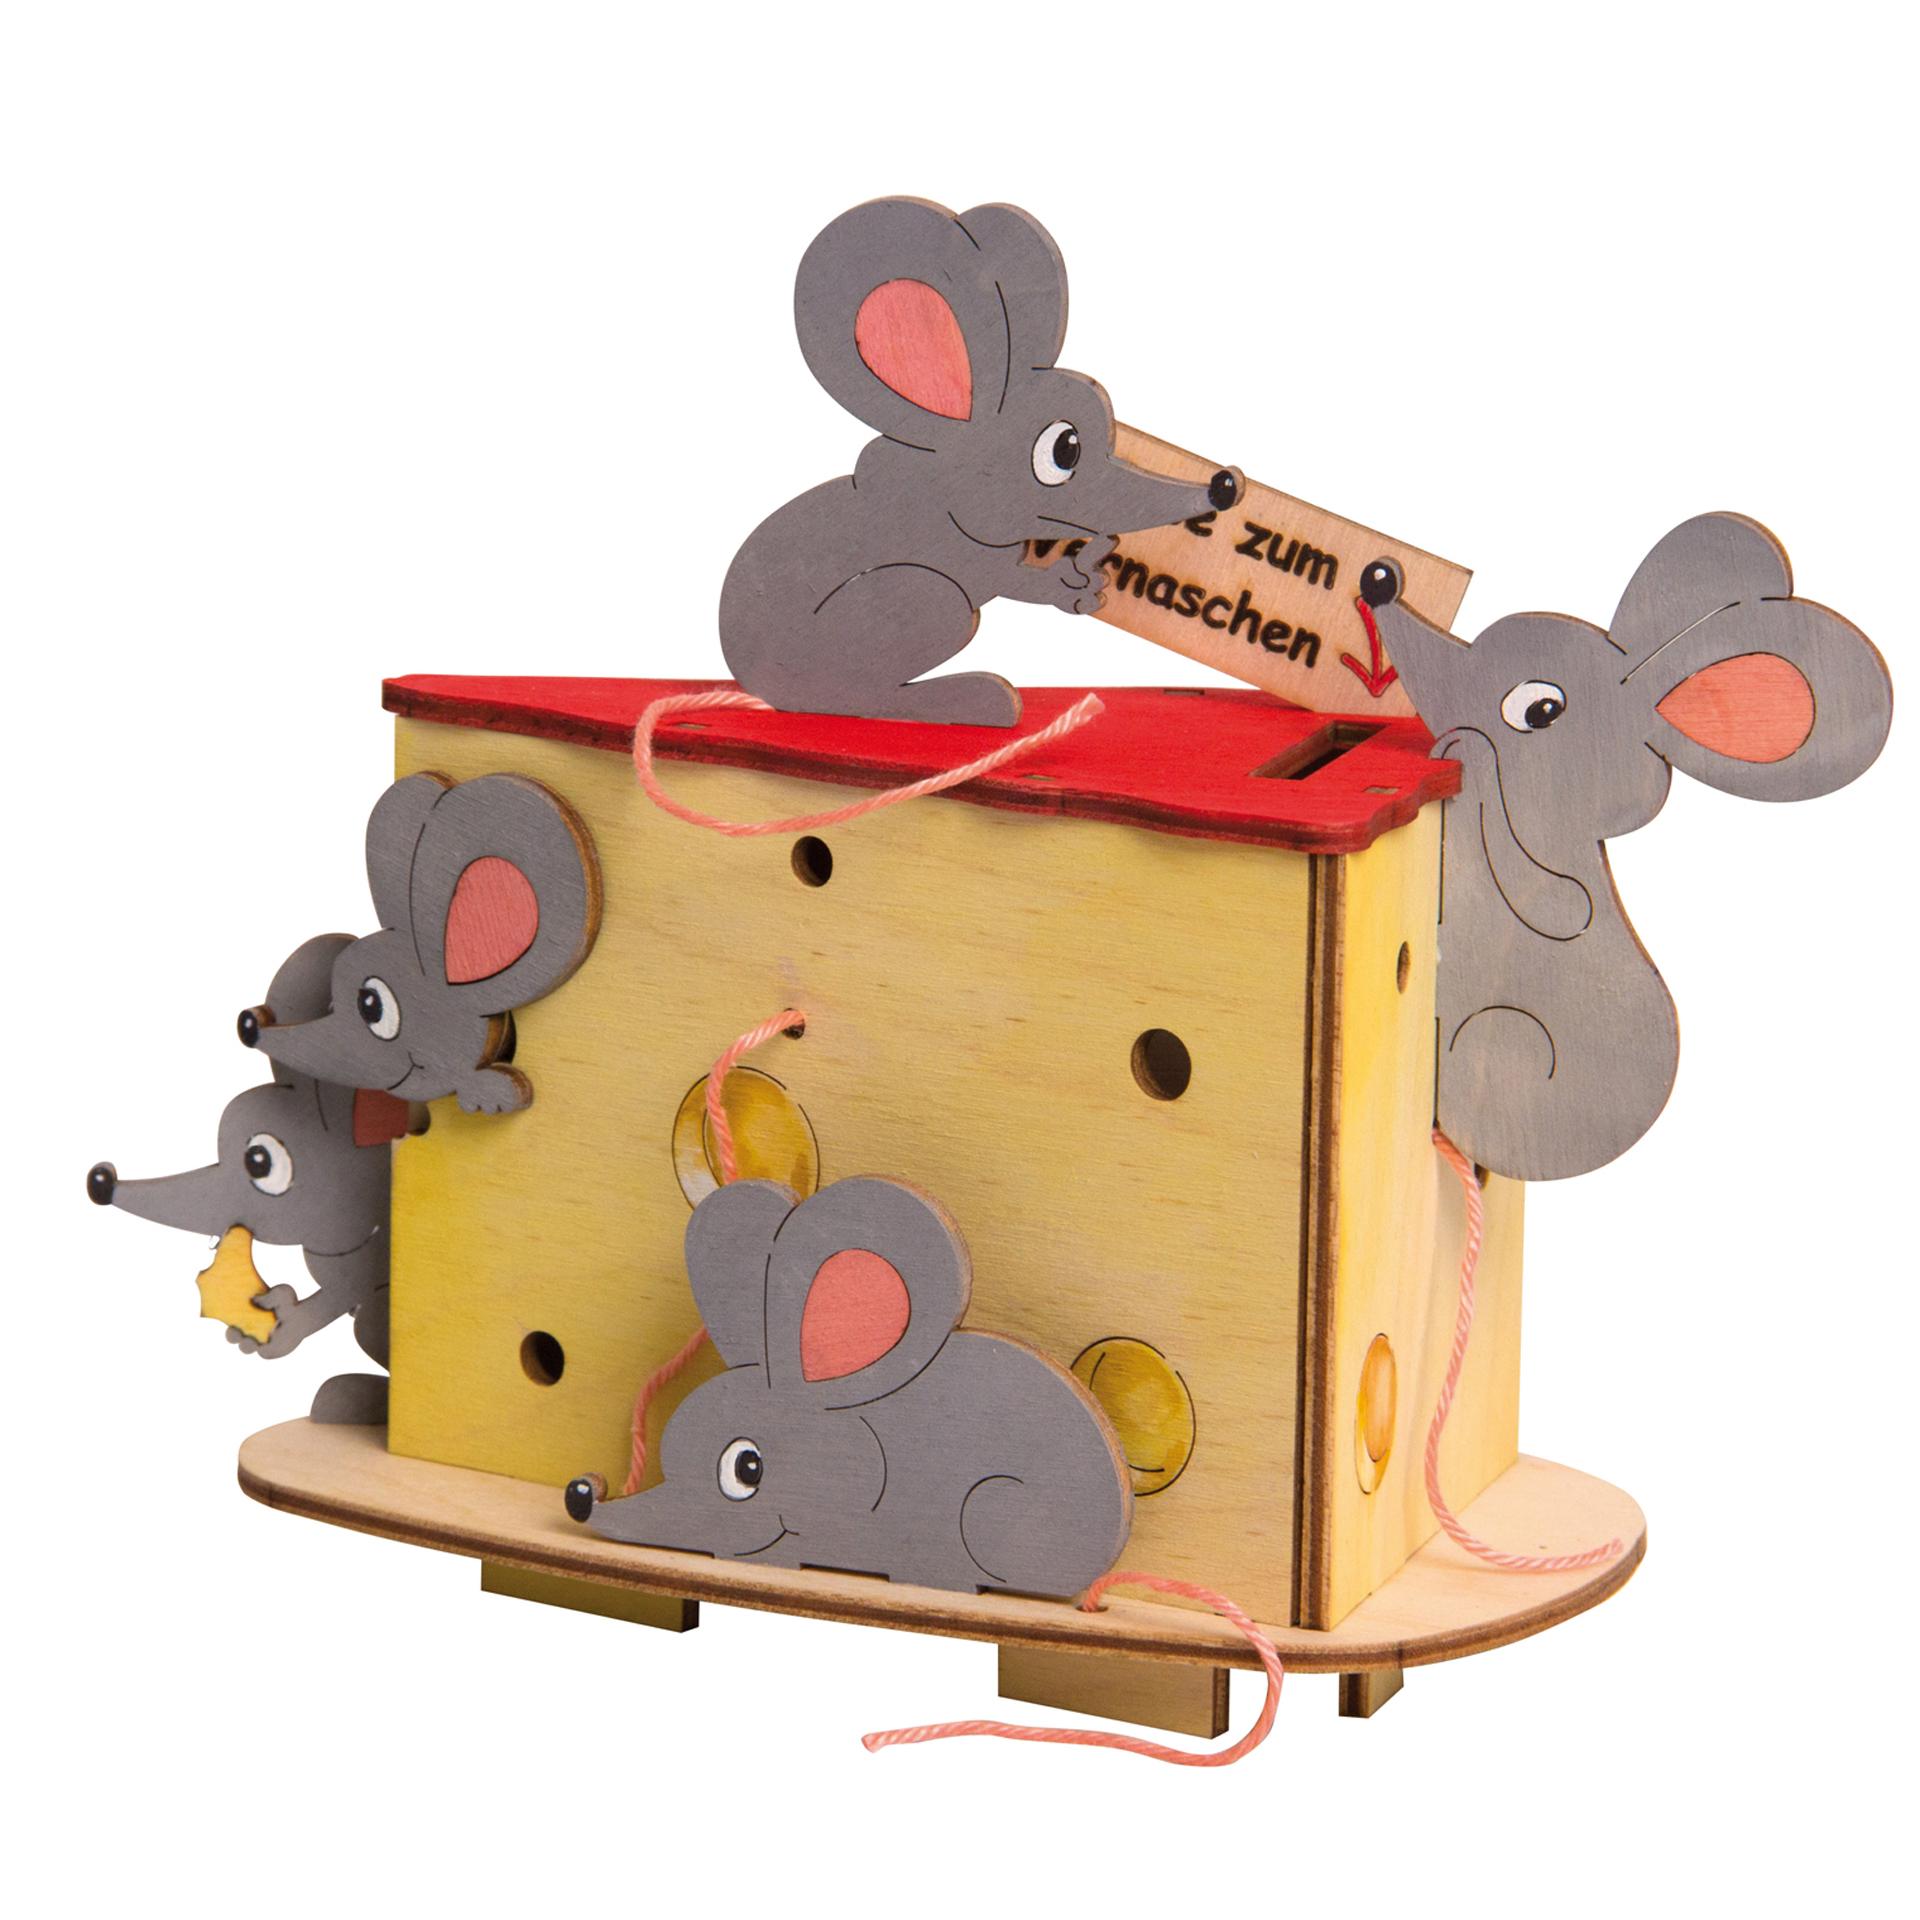 Bastelset Spardose Mäuse